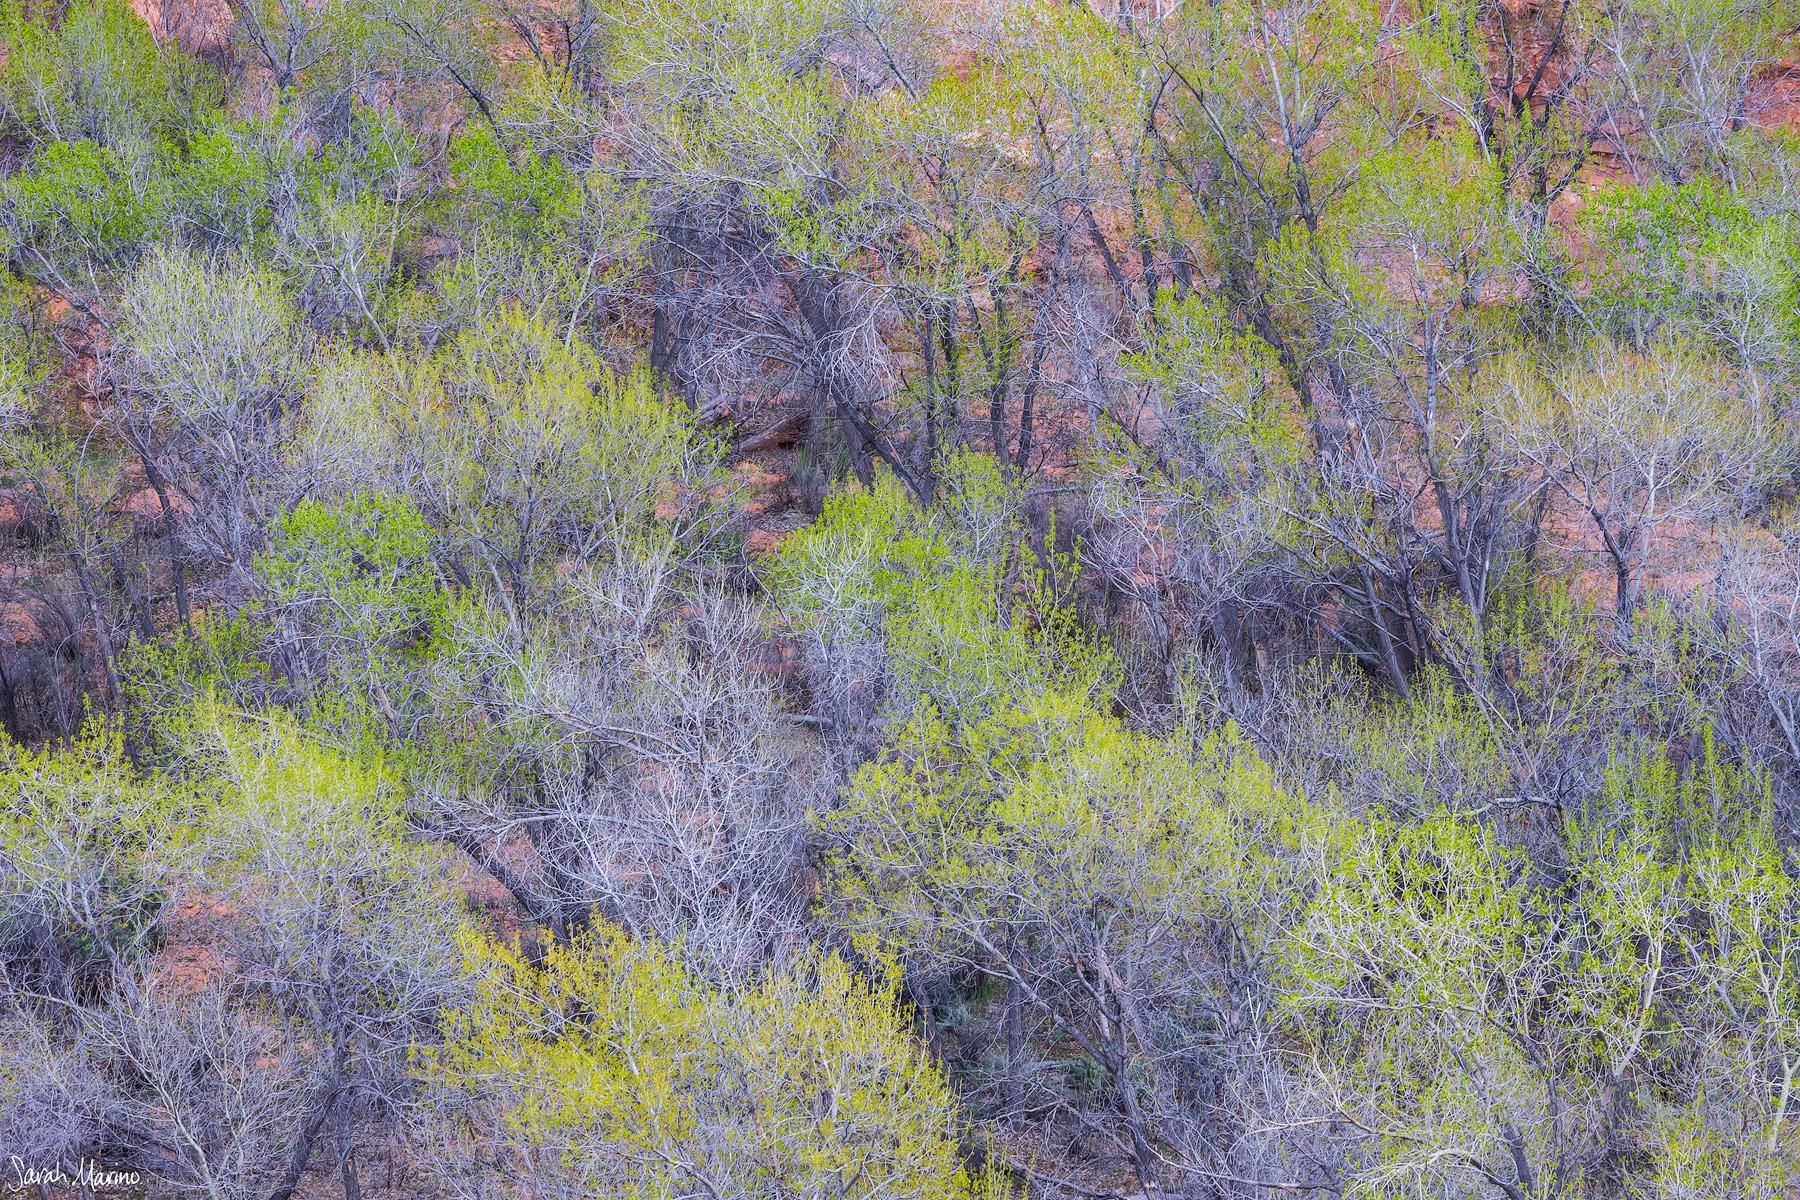 Sarah-Marino-Utah-Cottonwoods-1200px-Watermark.jpg